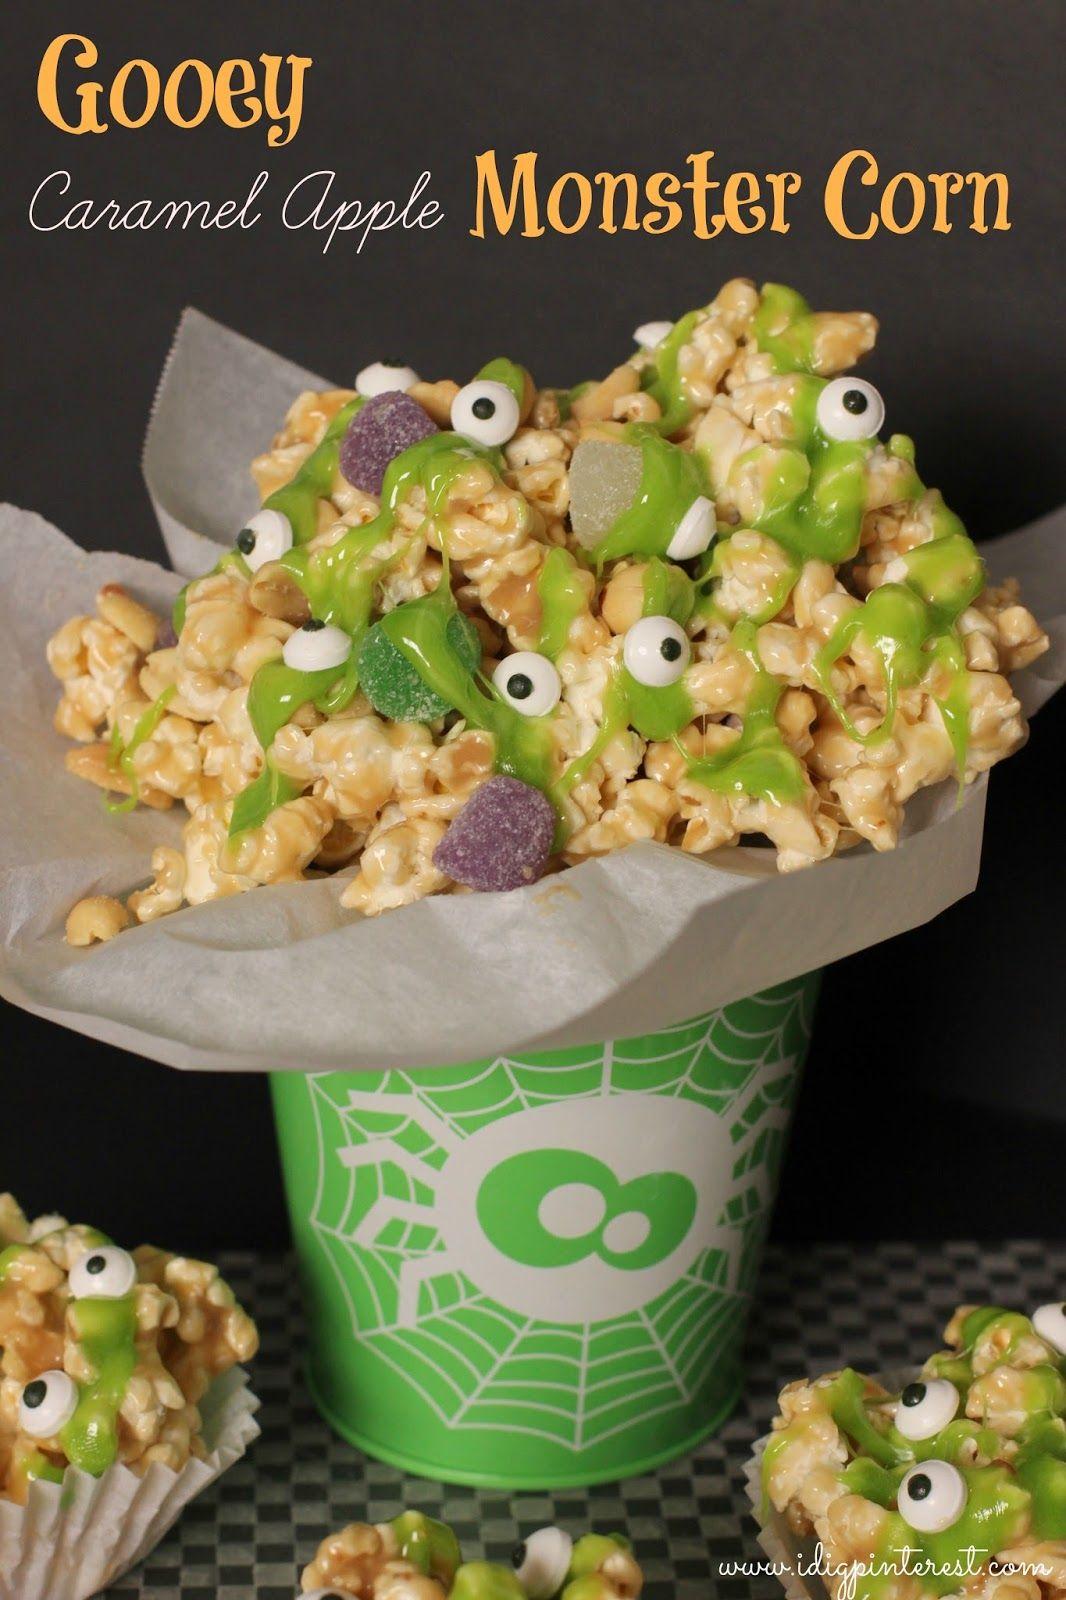 Gooey Caramel Apple Monster Corn from I Dig Pinterest